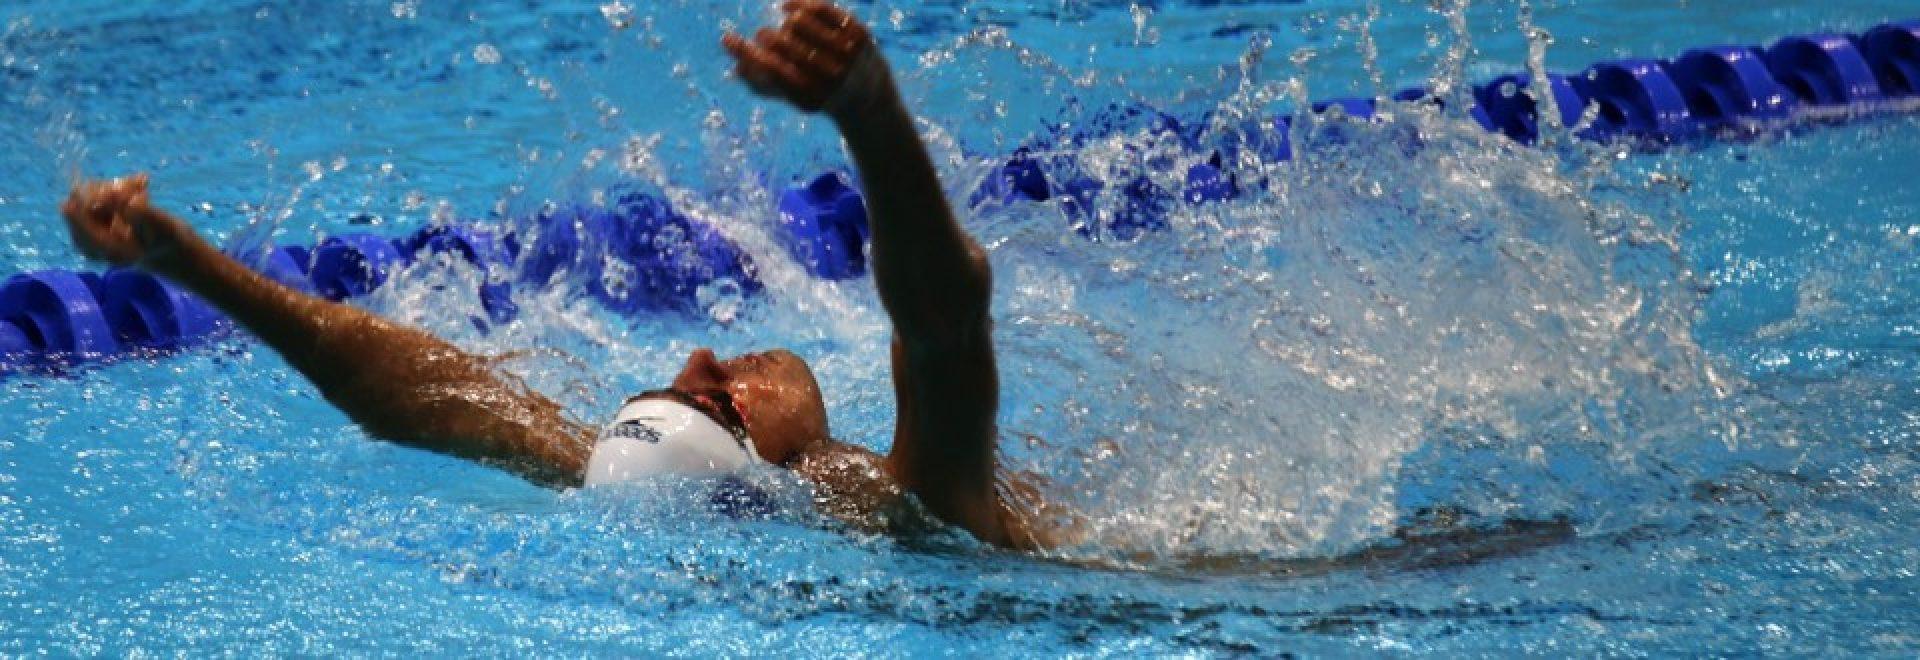 איאד שלאבי שוחה בסגנון גב